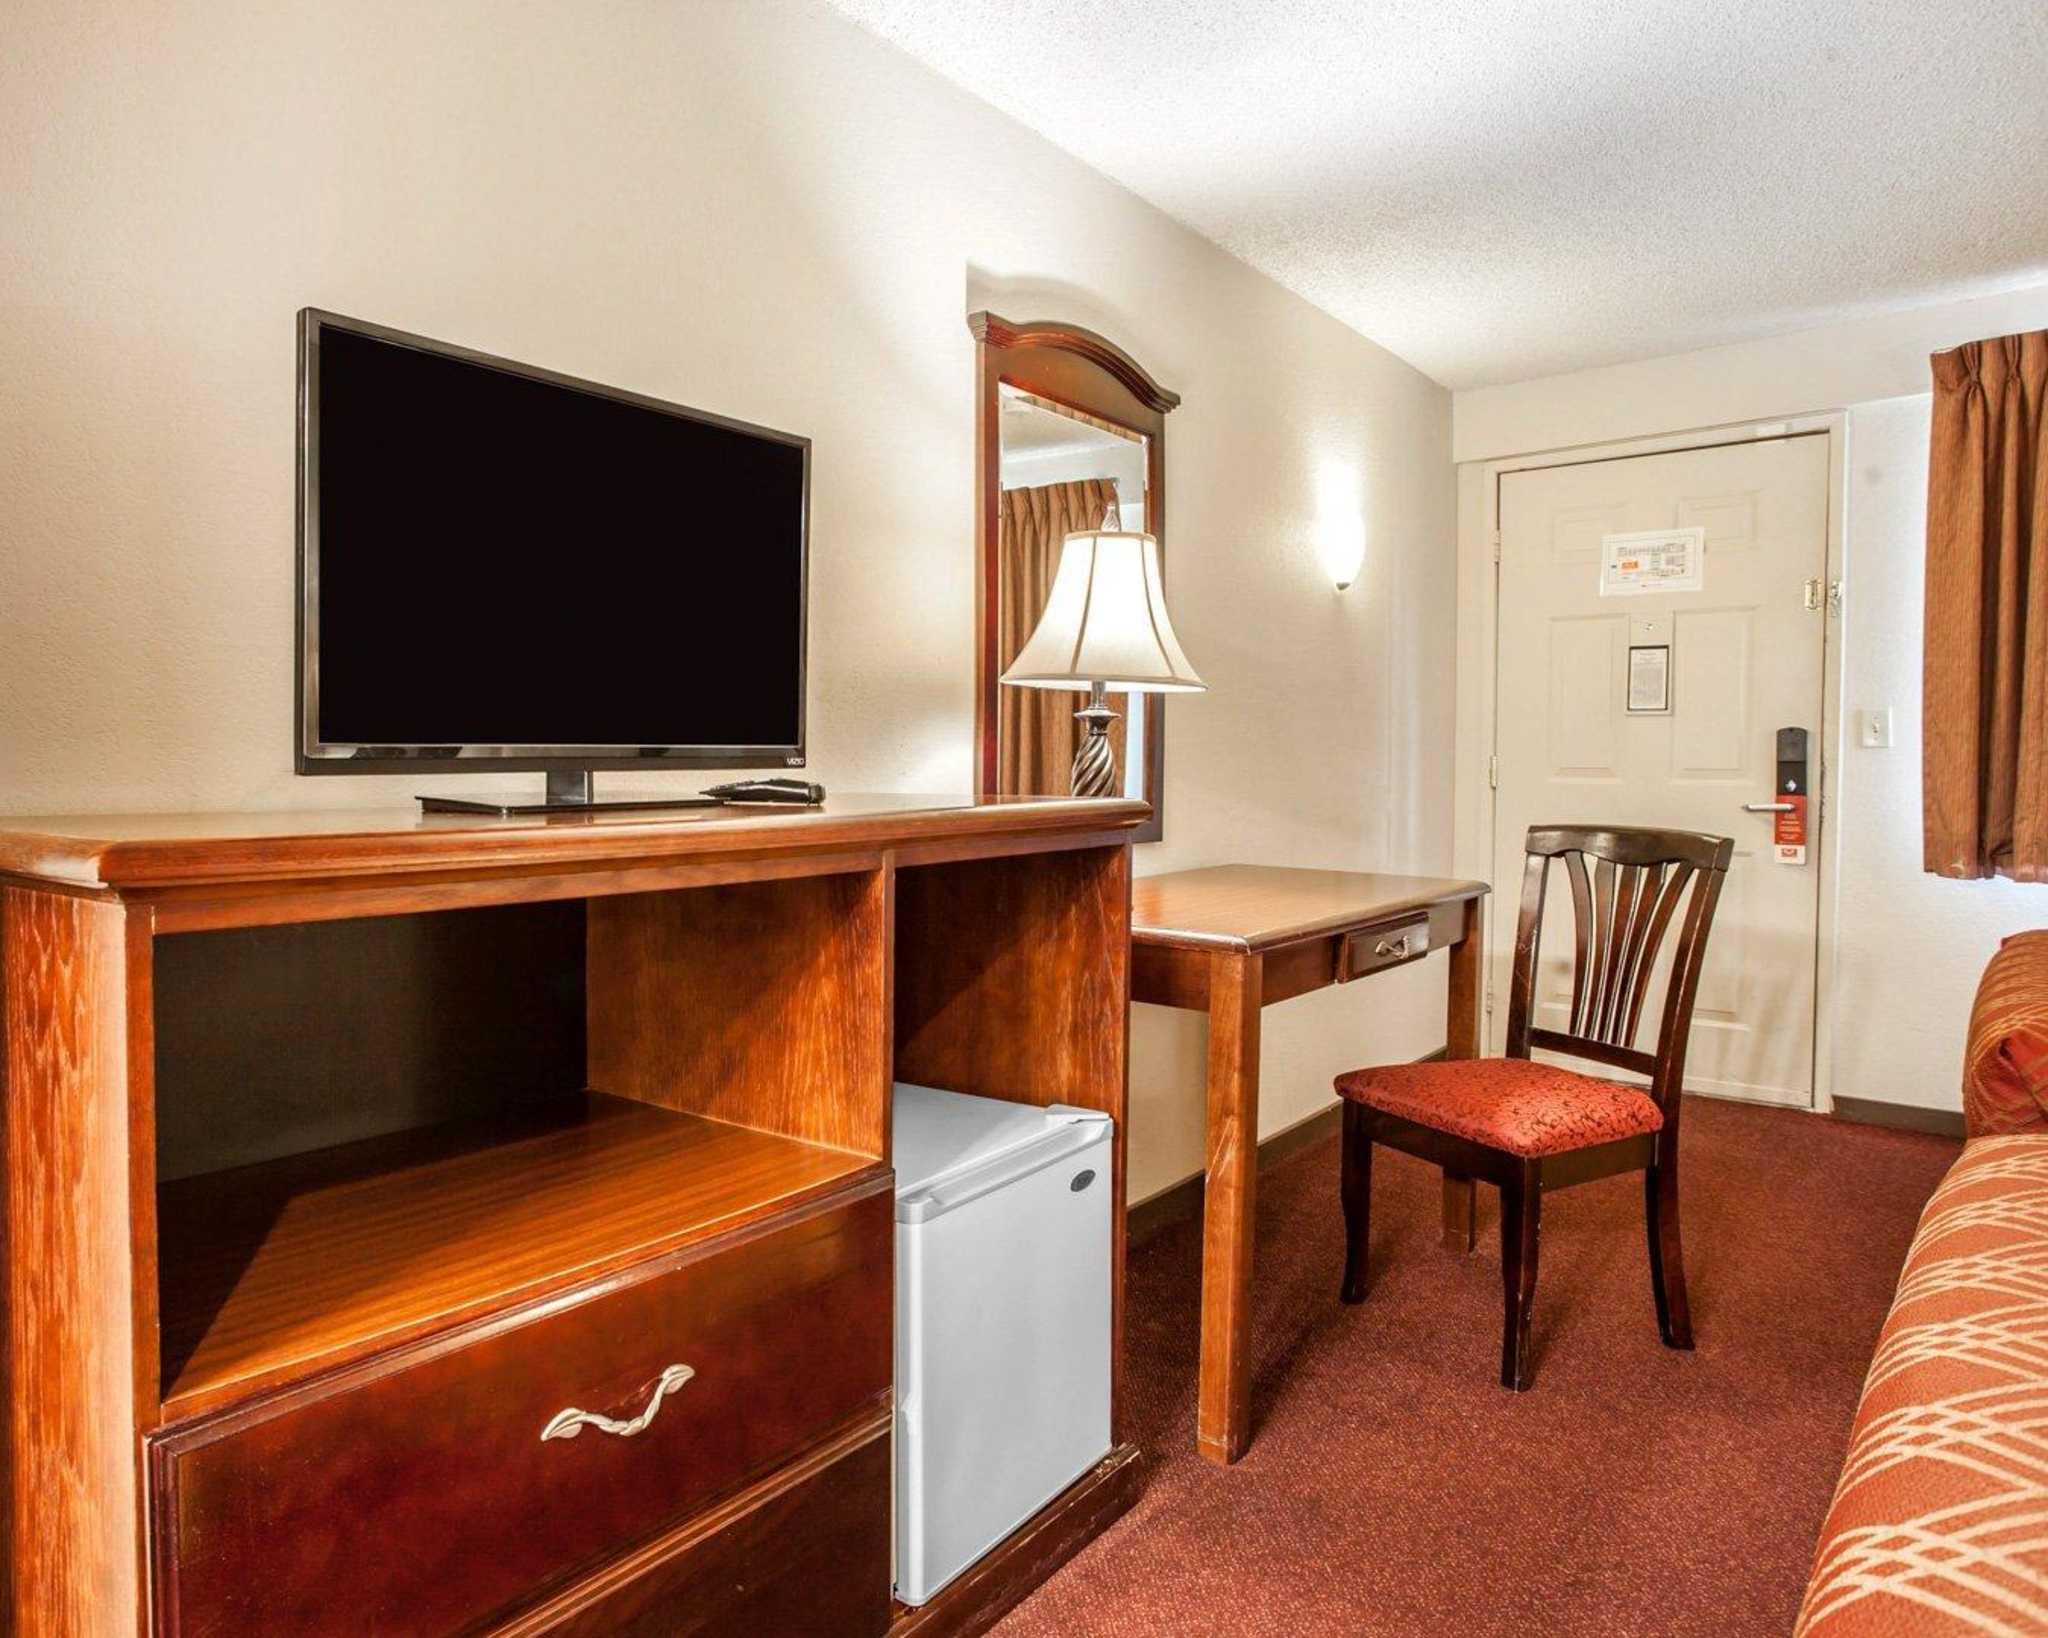 Econo Lodge Renton-Bellevue image 15